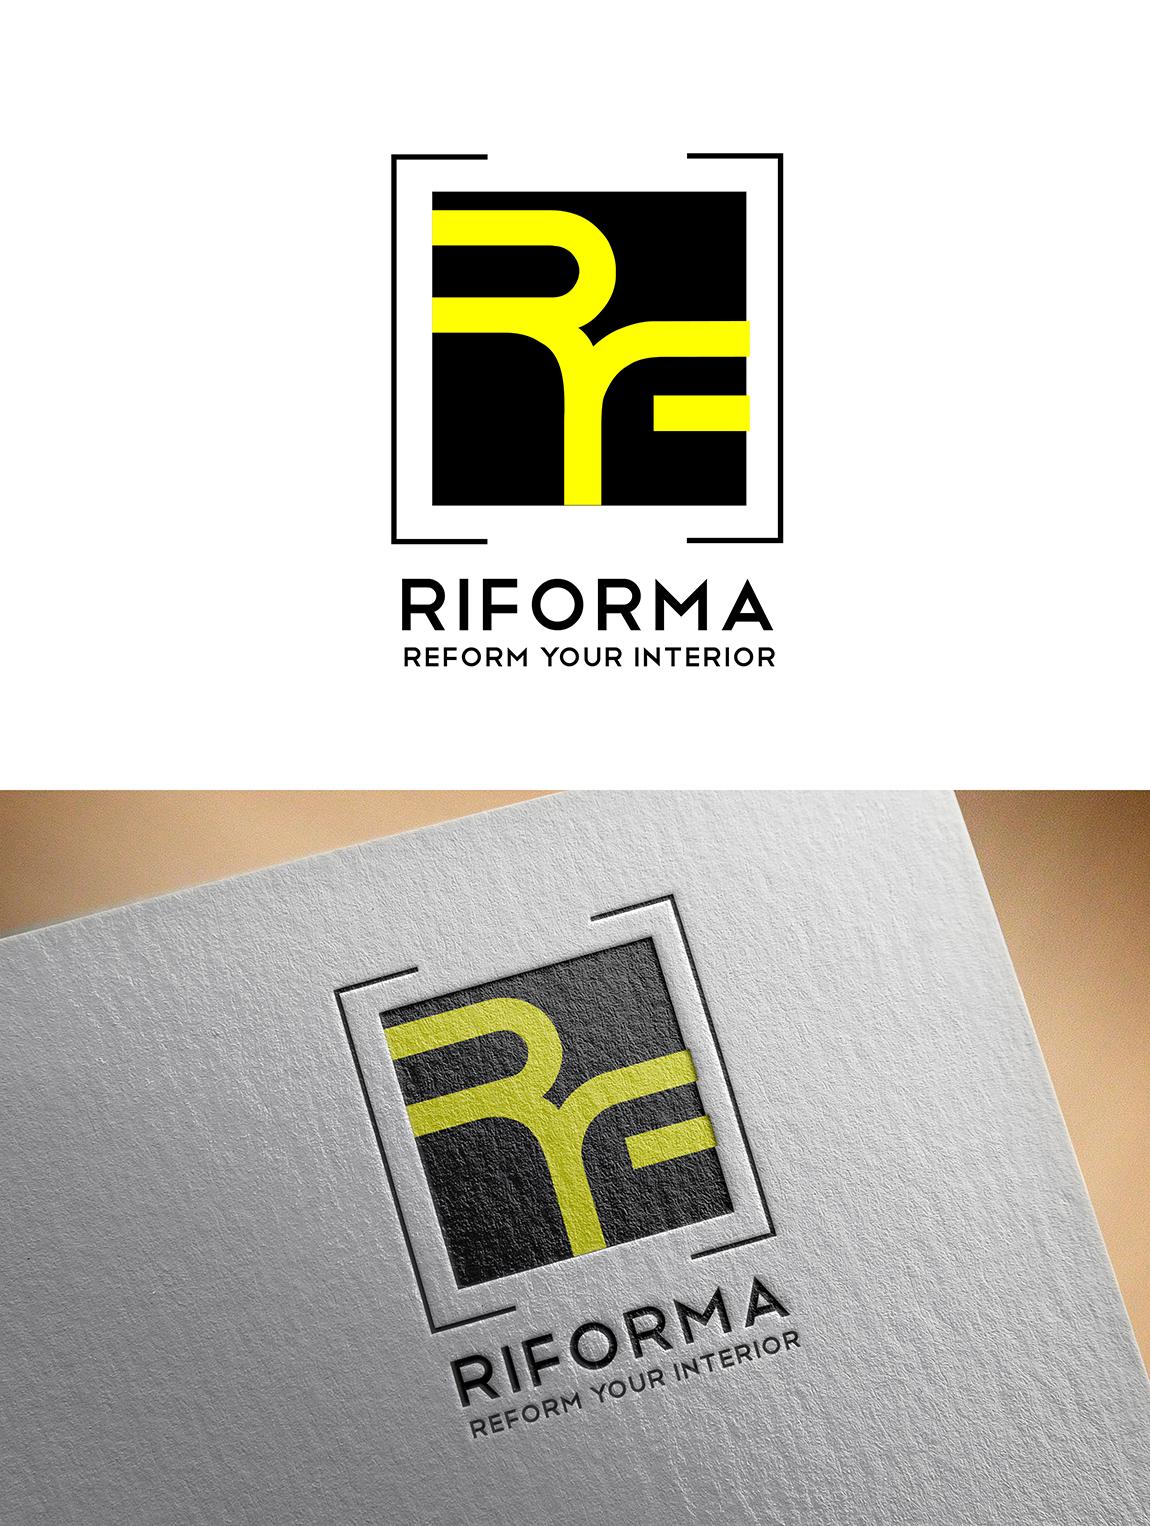 Разработка логотипа и элементов фирменного стиля фото f_142579384a4aa82d.jpg